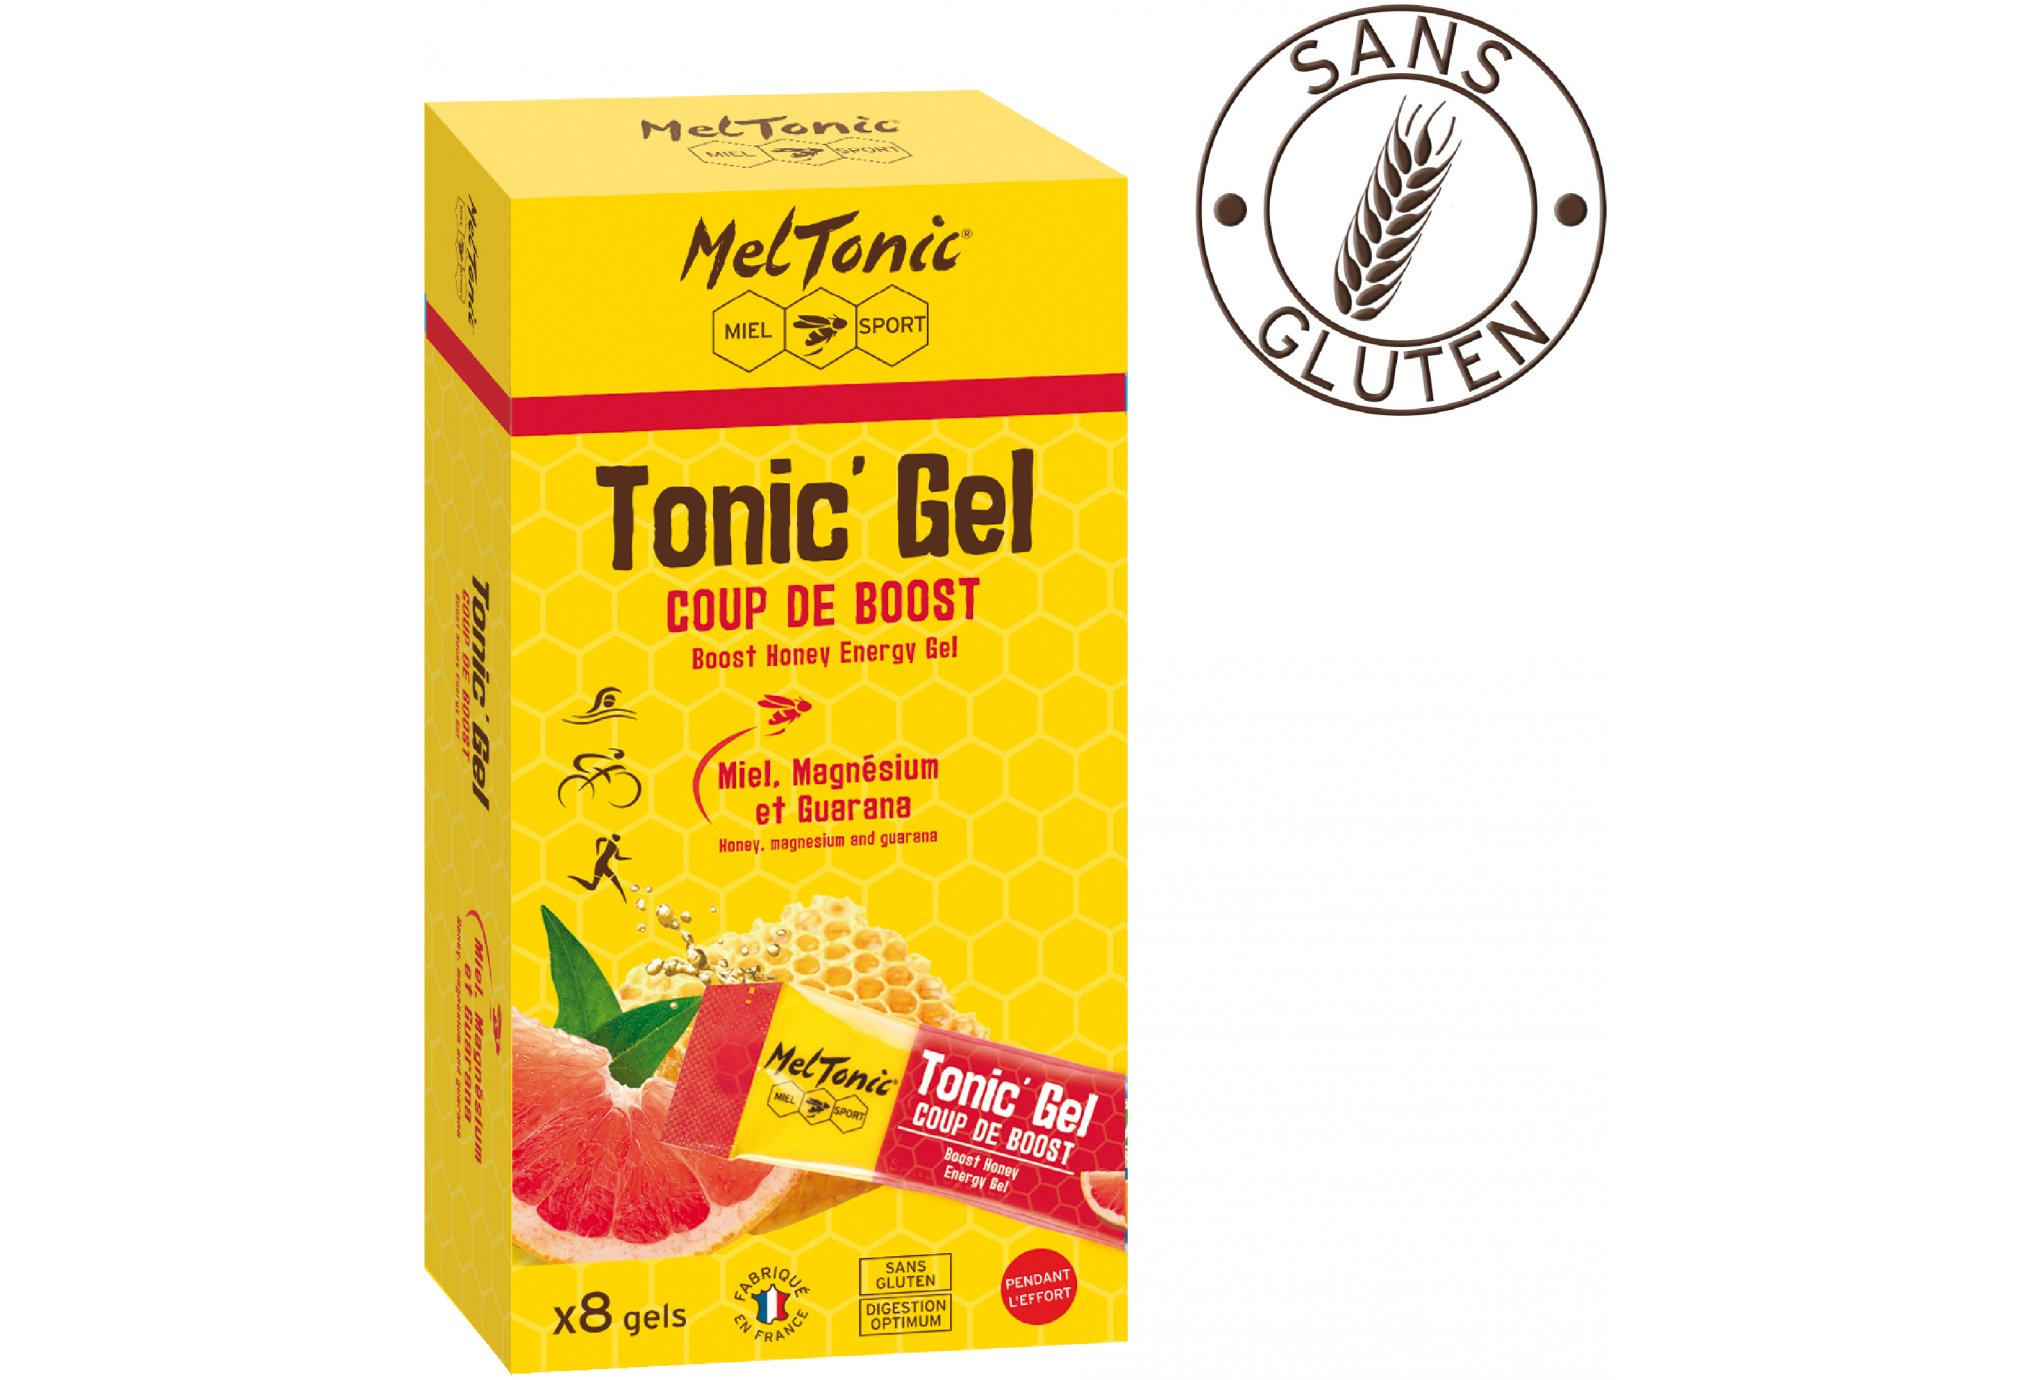 MelTonic Caja Tonic'Gel Coup de Boost Diététique Gels